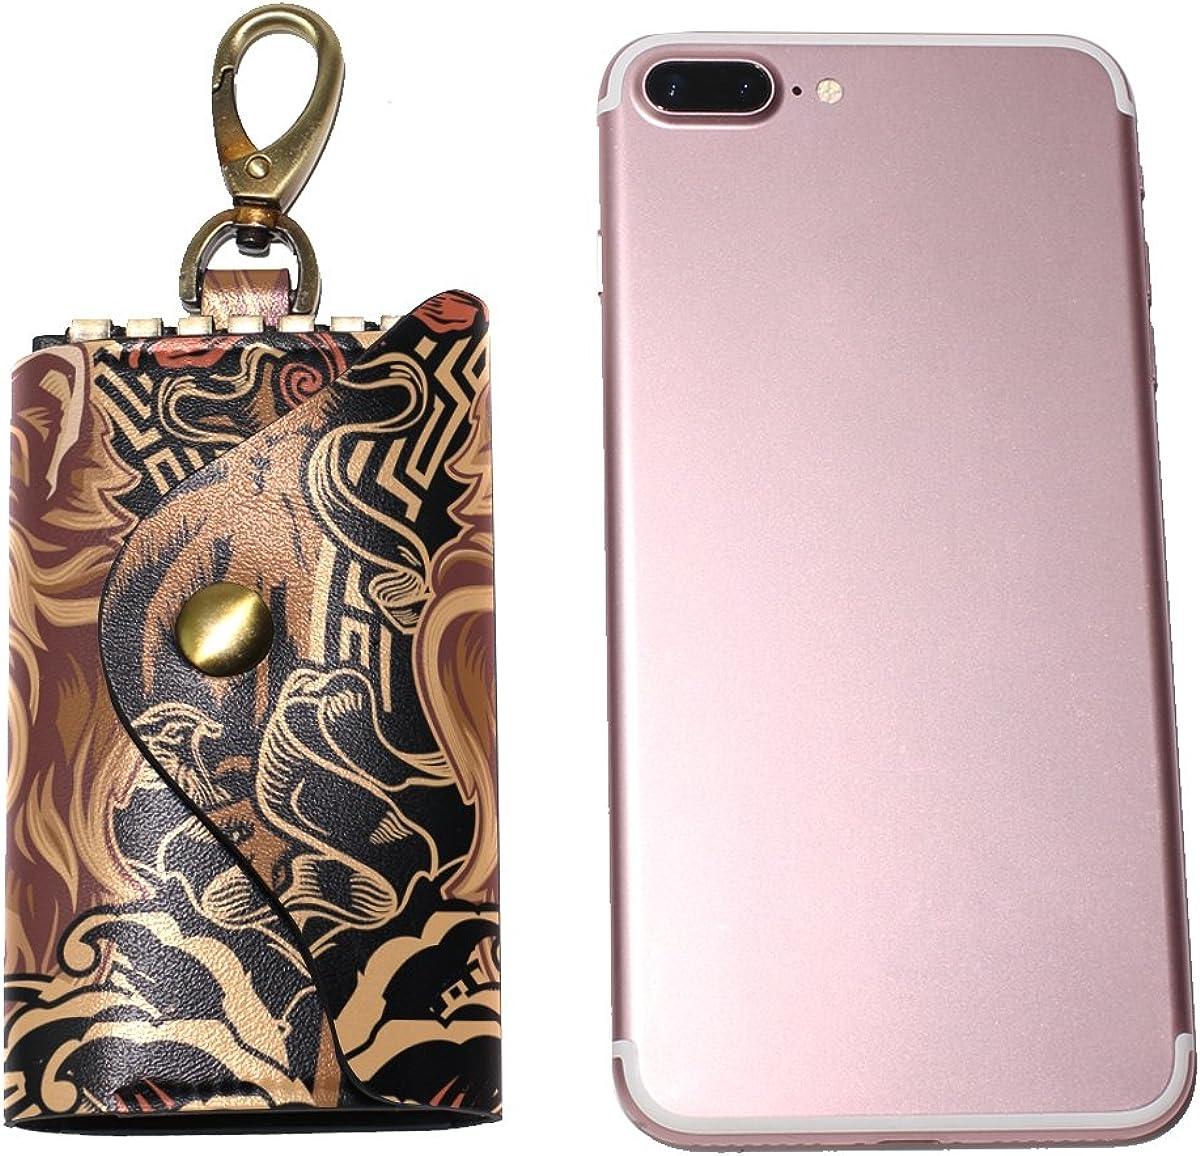 DEYYA Island Lion Leather Key Case Wallets Unisex Keychain Key Holder with 6 Hooks Snap Closure